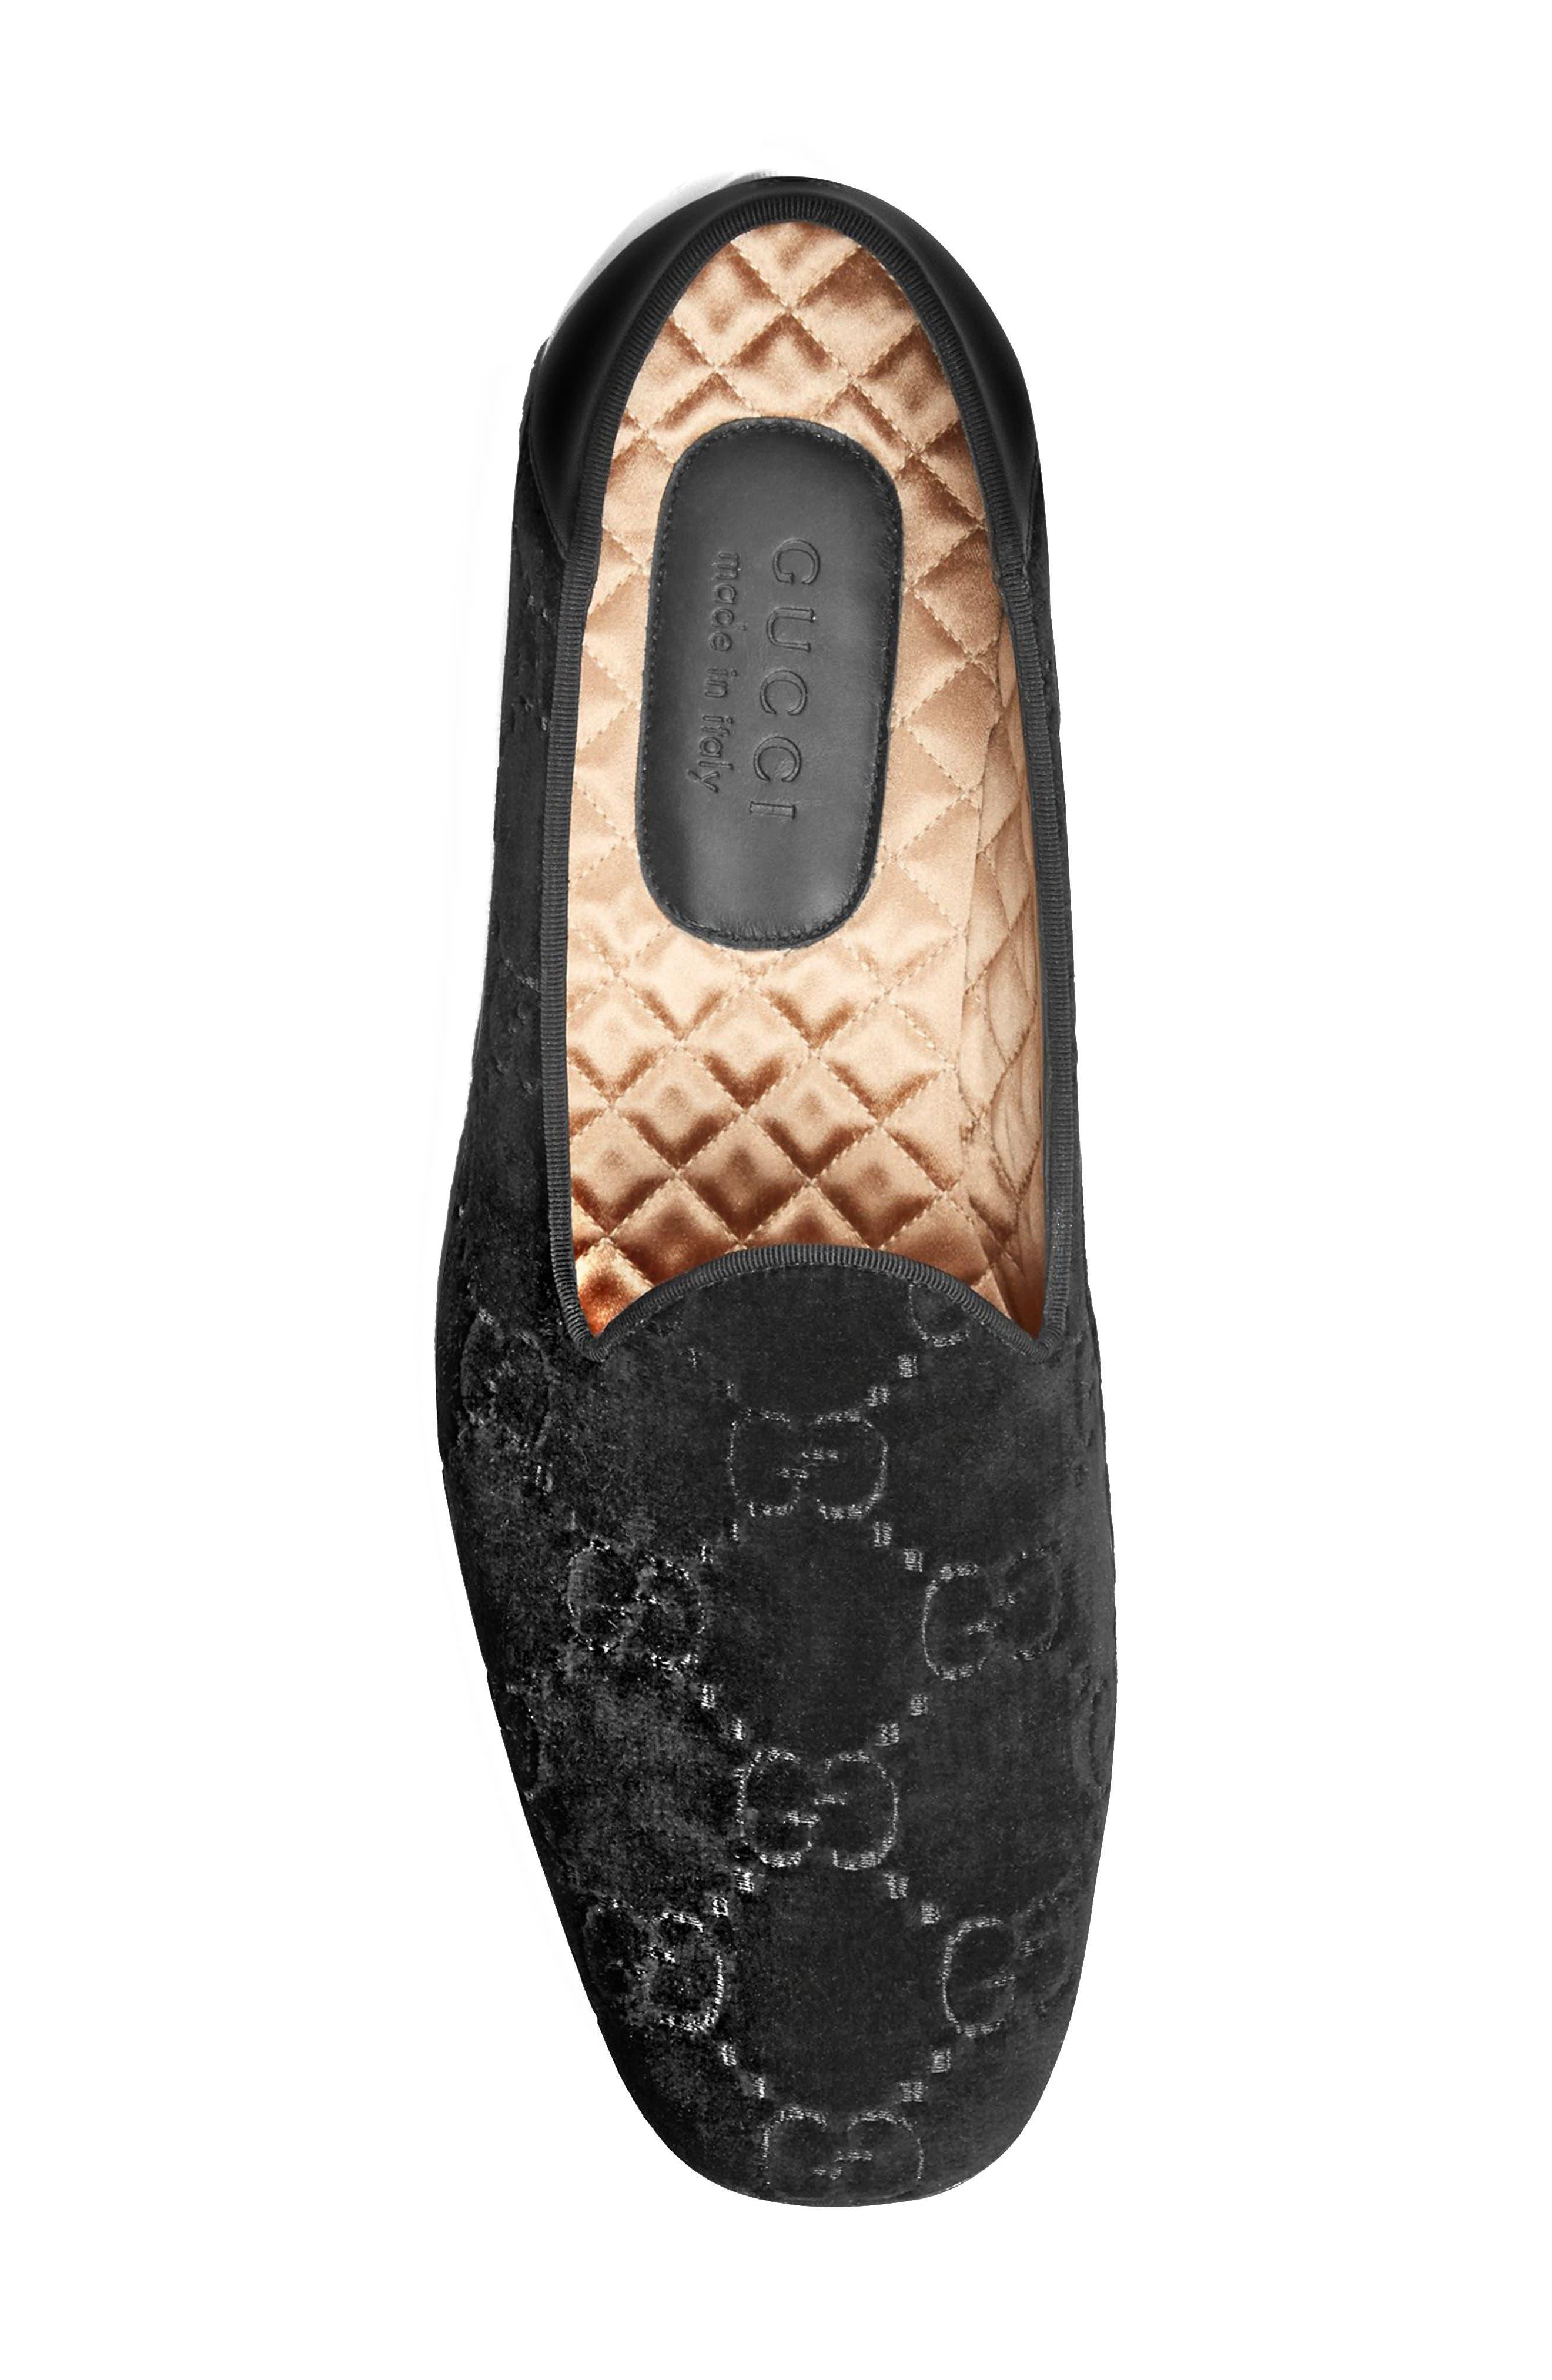 Gucci Grosgrain-Trimmed Velvet Loafers - Black Size 9 M